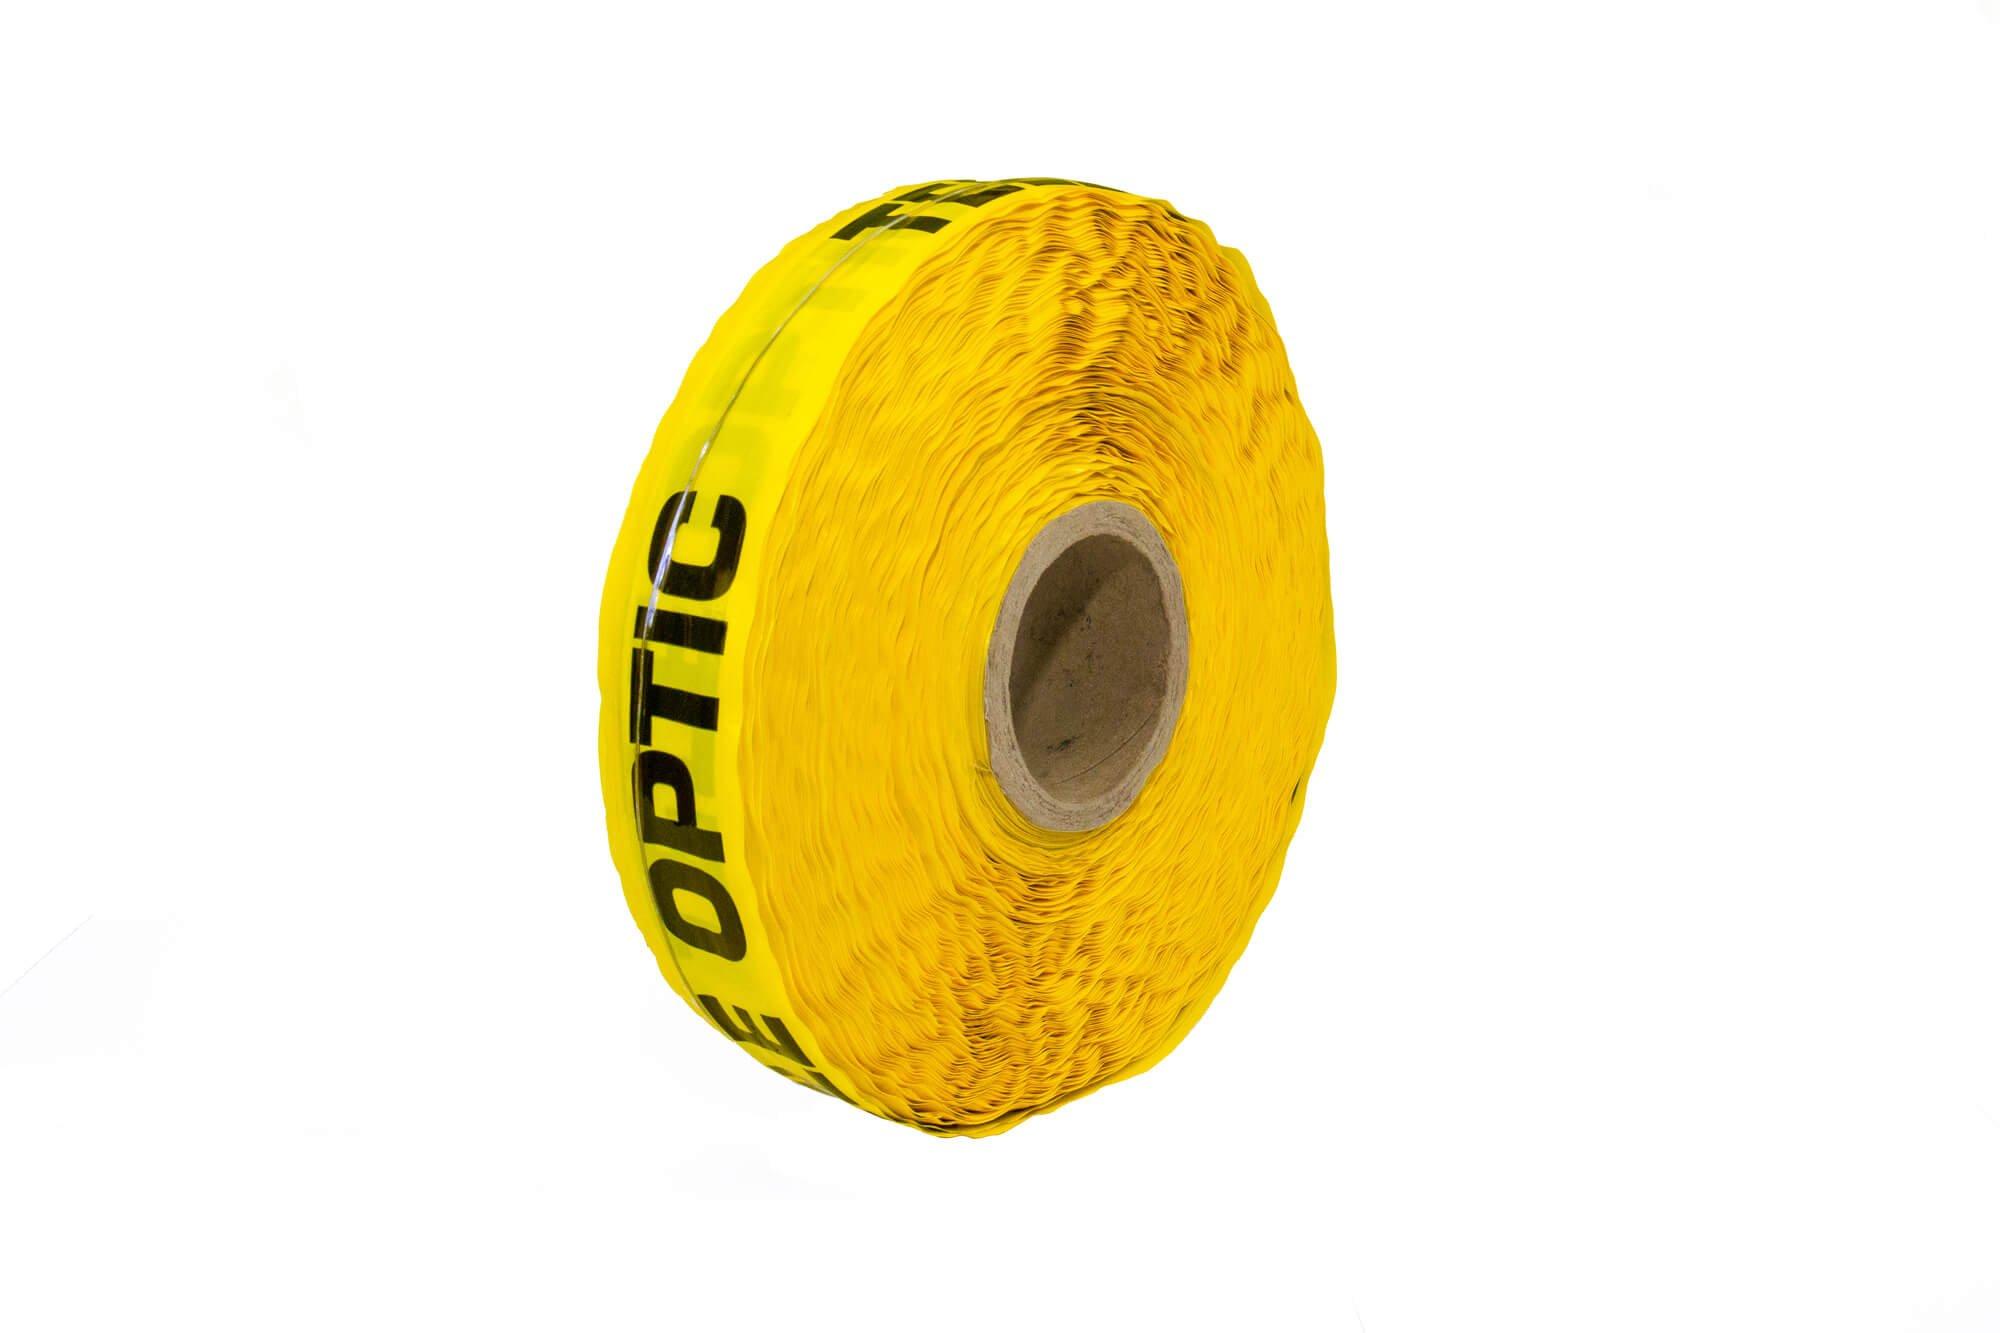 Locata® Detectable Tape